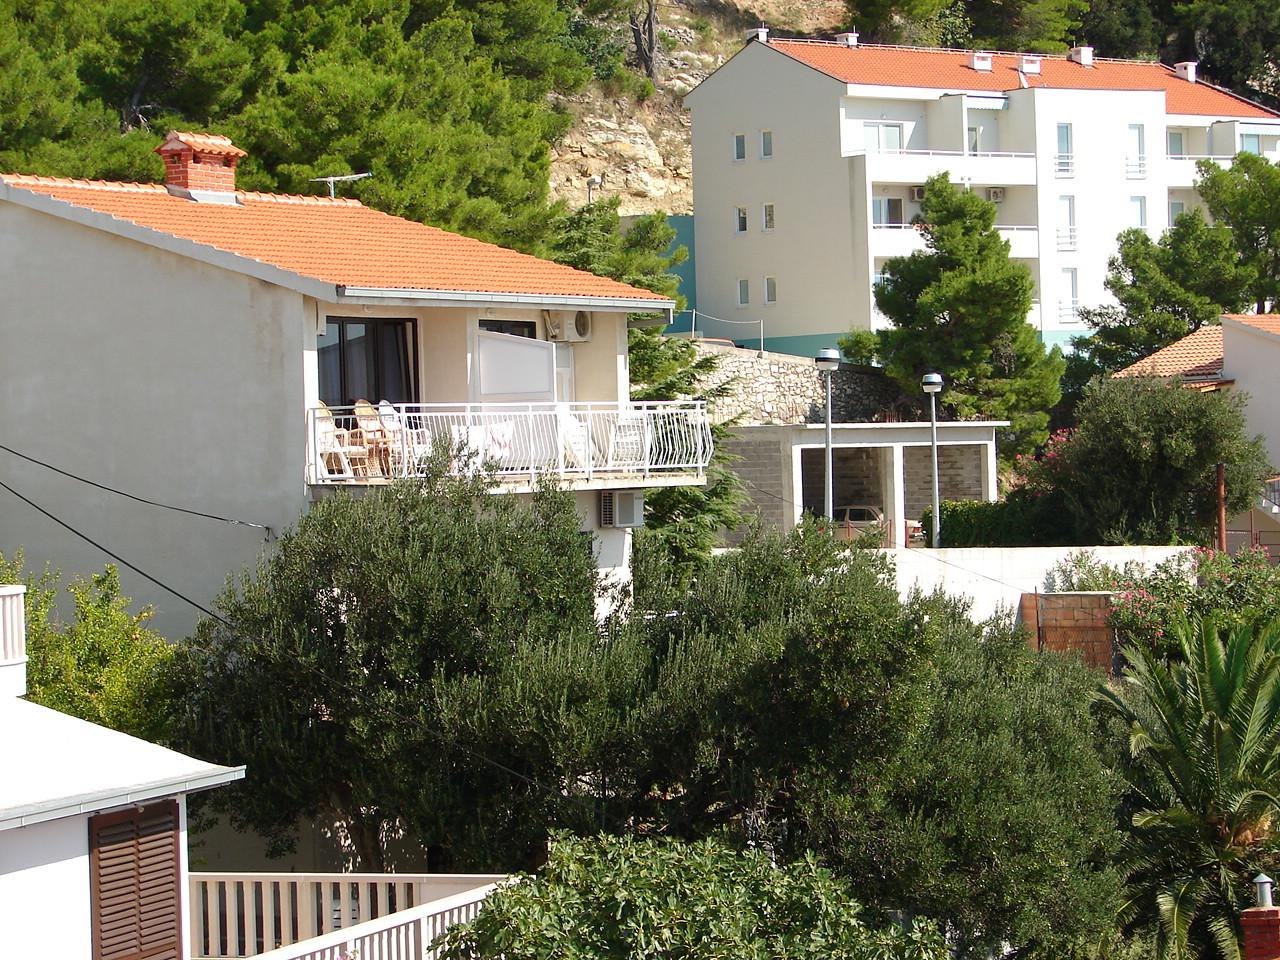 01513BVOD  - Baska Voda - Appartements Croatie